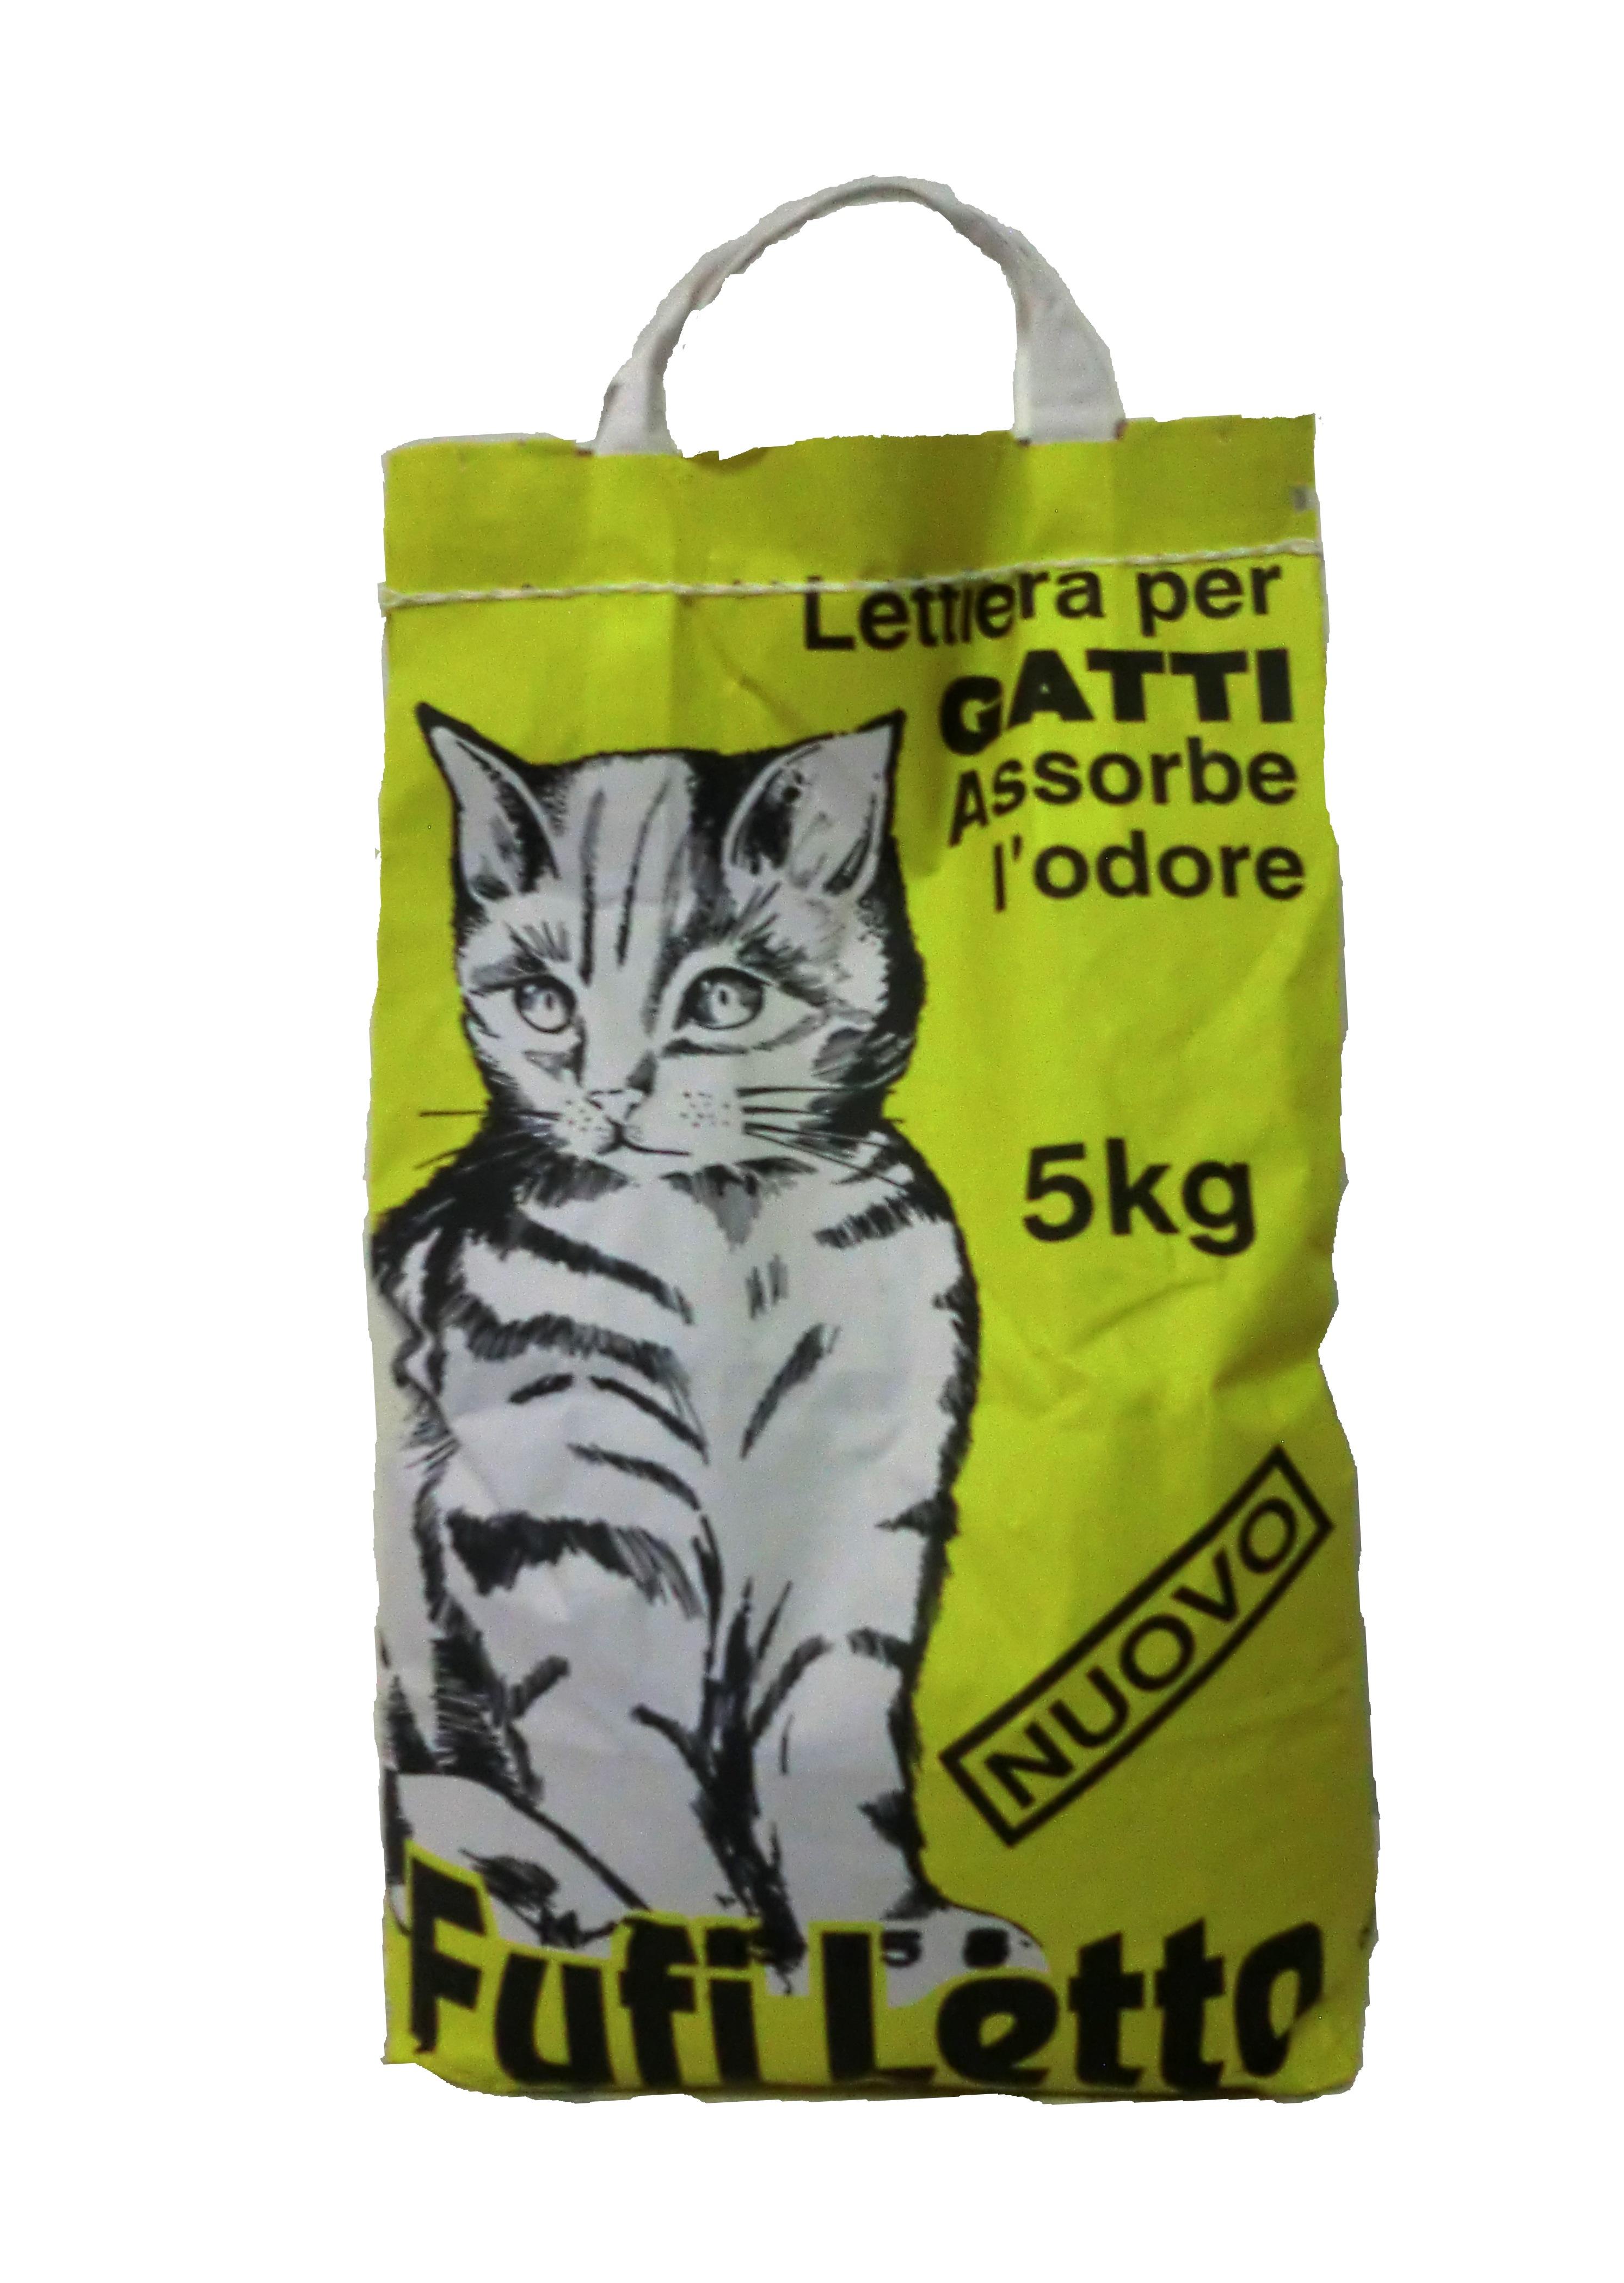 Vendita all 39 ingrosso mangini gatti for Catsan lettiera